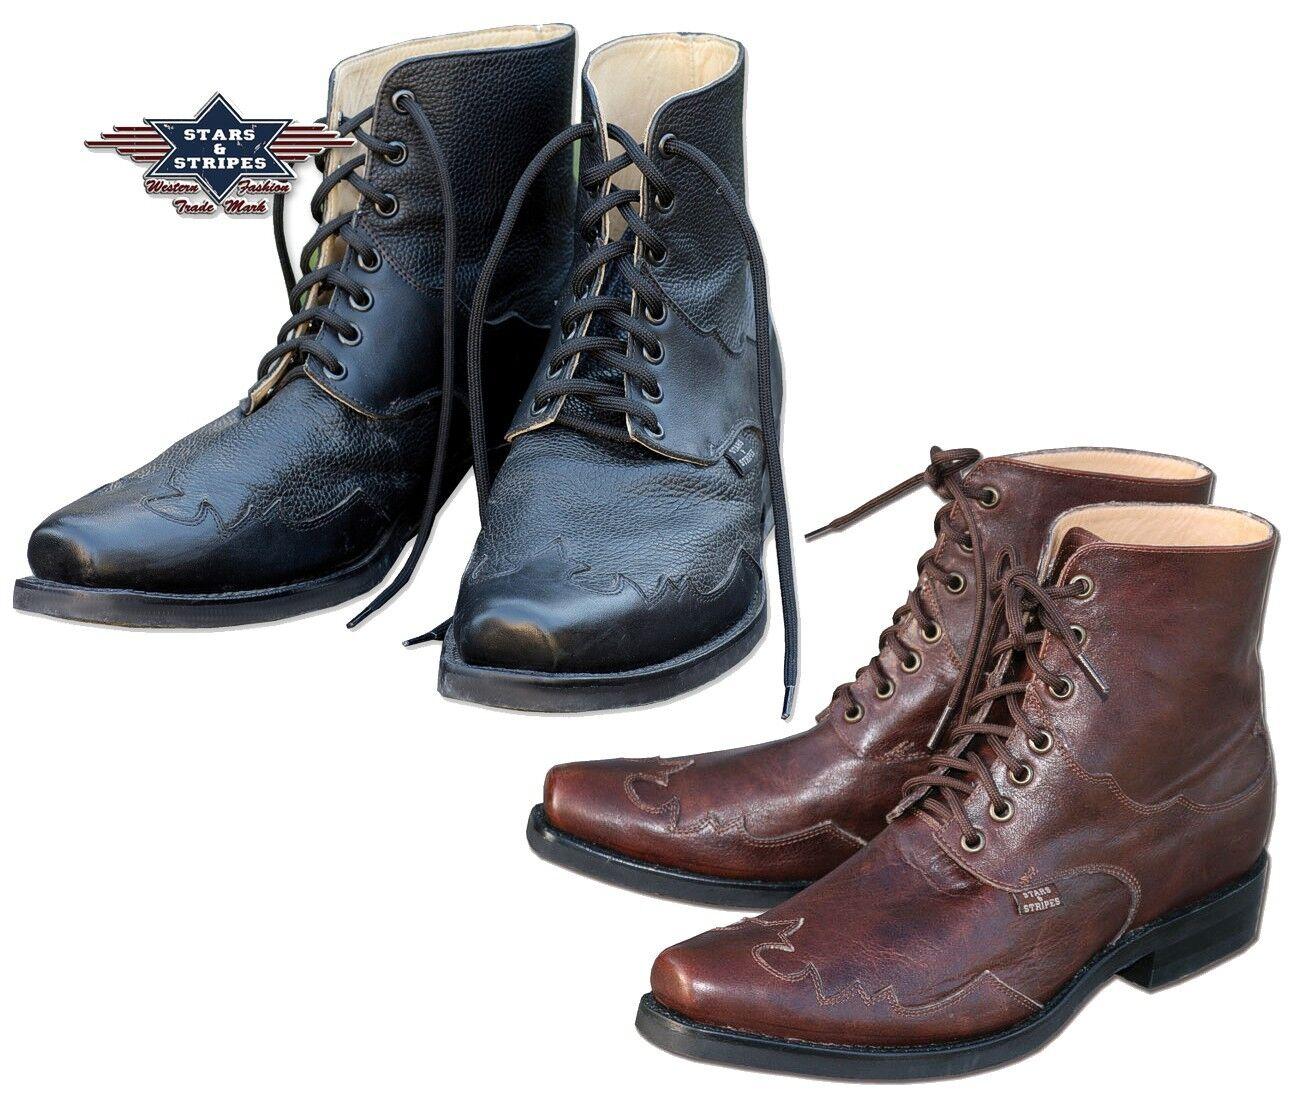 Botín country western-botas señores marrón negro botas de cowboy Henderson